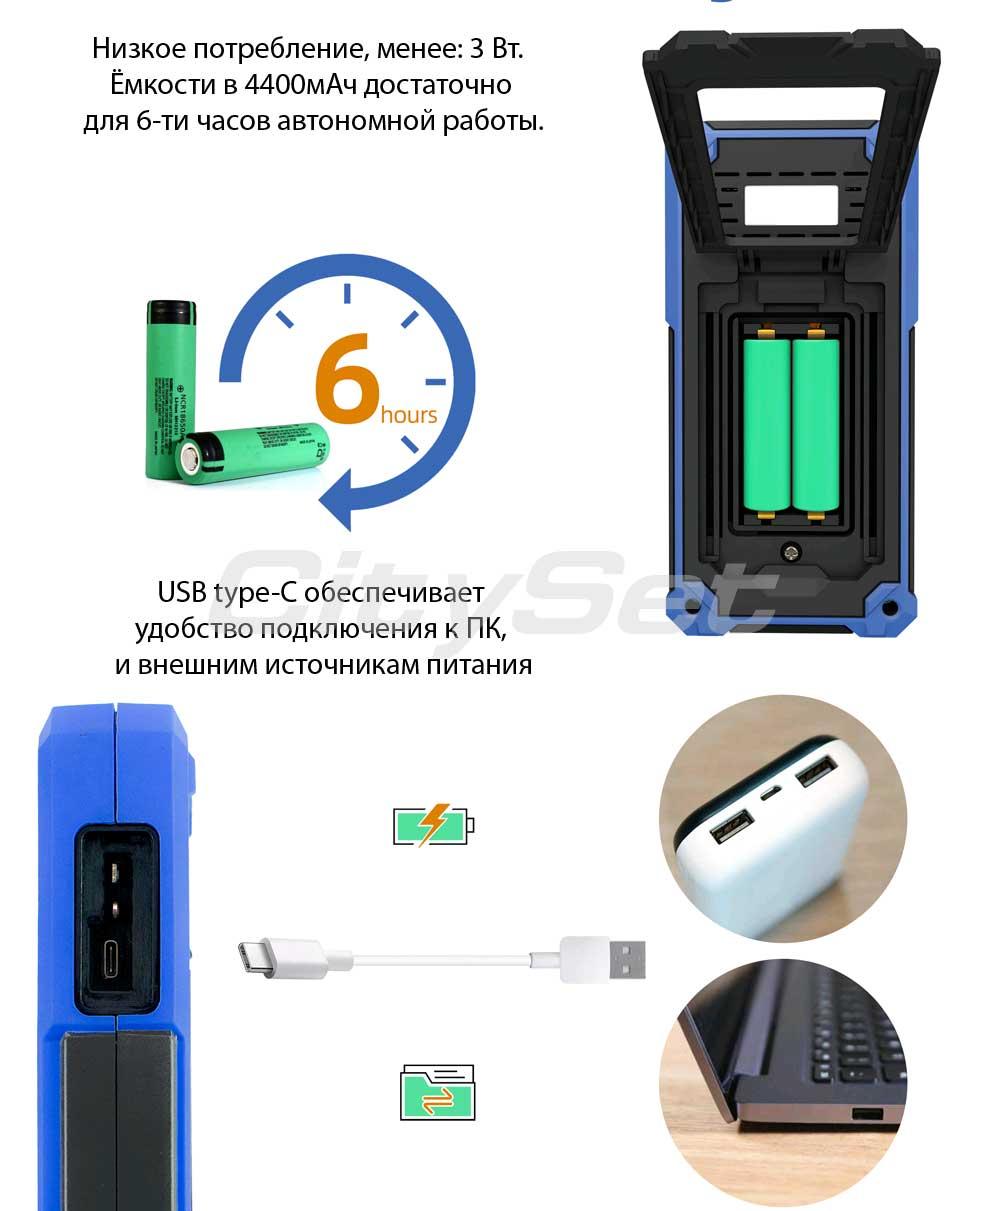 HDS242S портативный осциллограф: питание от аккумуляторов 18650 Li-ion